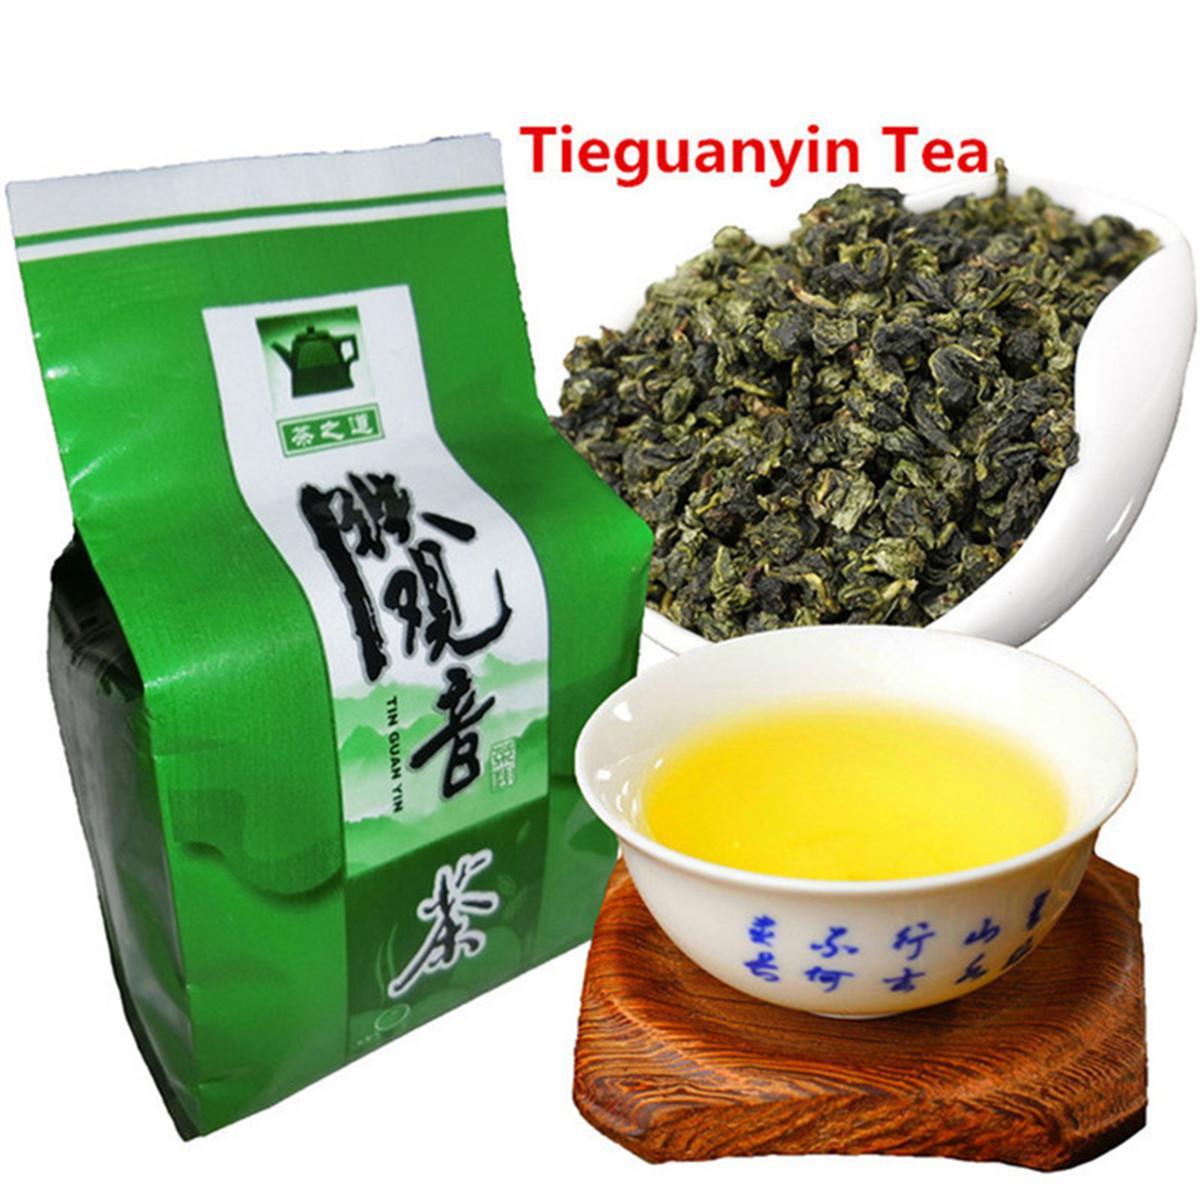 50g Çin Organik Oolong çayı Tieguanyin Oolong Anxi Tieguanyin Yeşil çay yeni İlkbahar çay Yeşil Gıda Sıcak satış